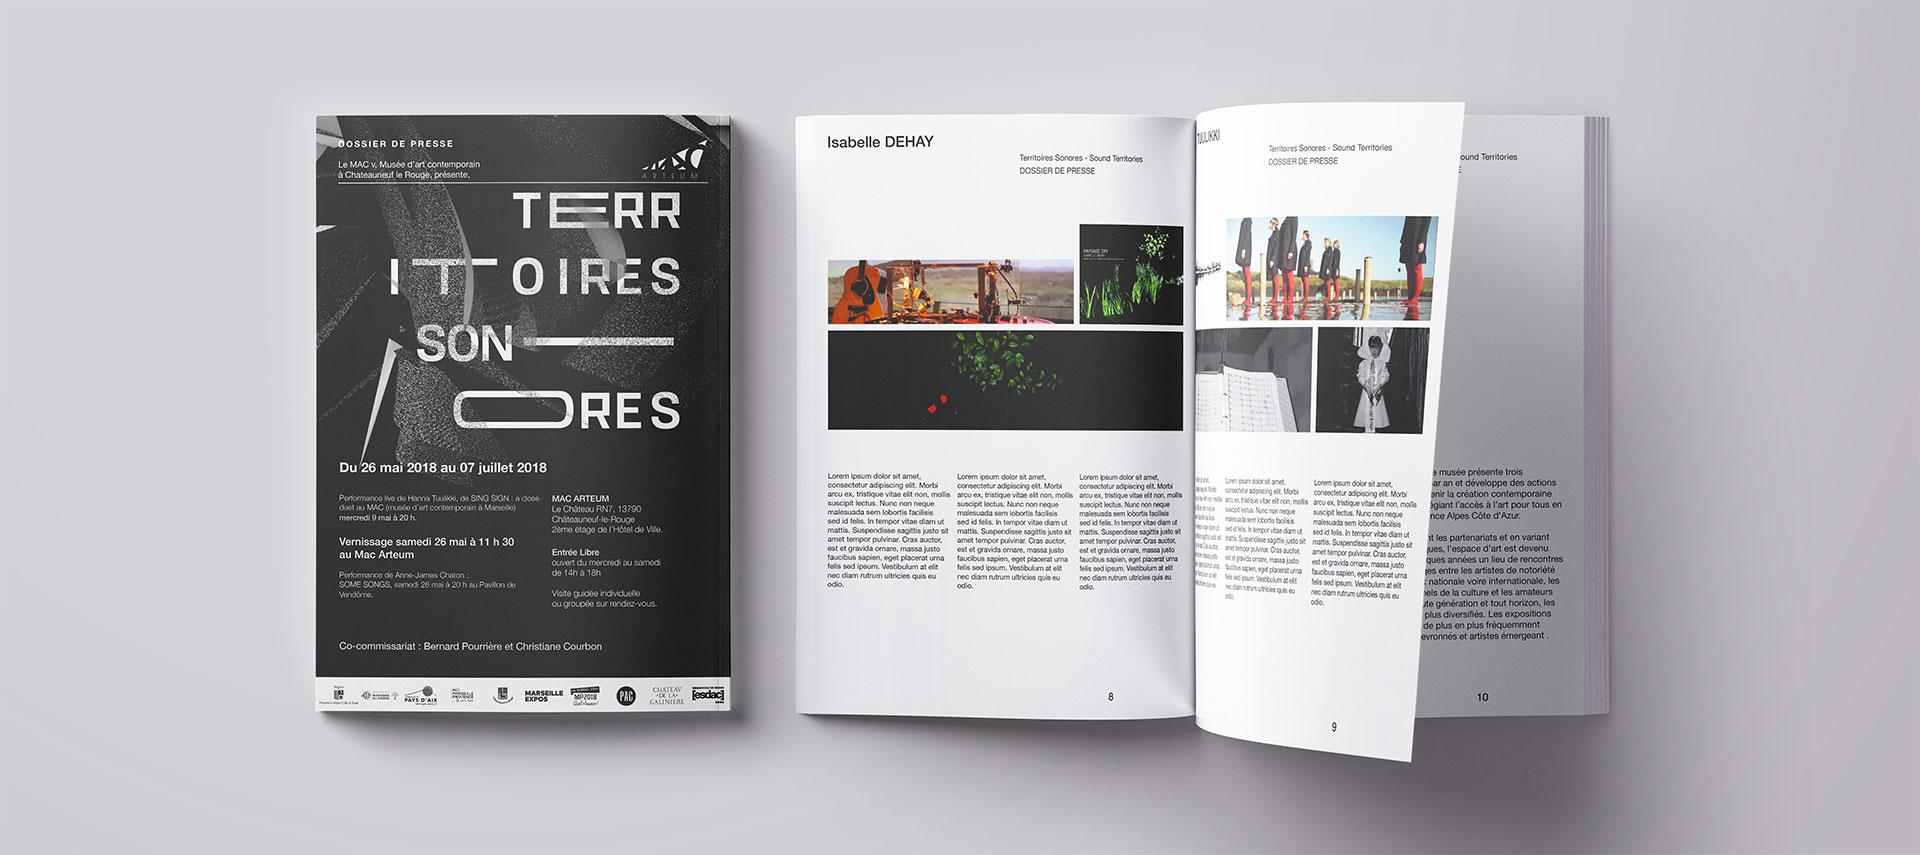 Dossier de presse du projet de publicité avec le mac arteum sur aix-en-provence